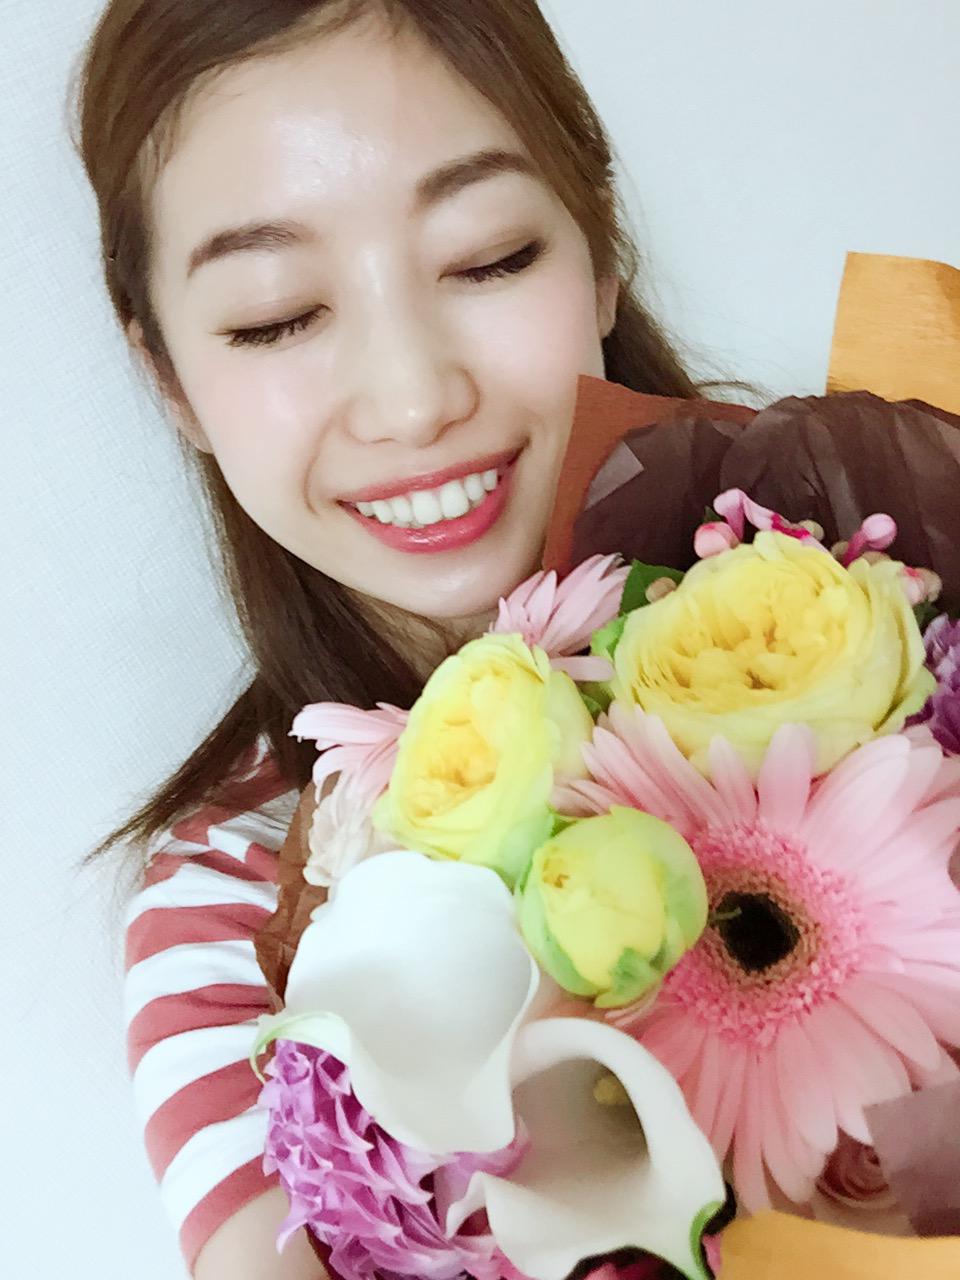 アリナミンゼロTVCMソング&能登有沙さんリリース!_a0209330_3163017.jpg